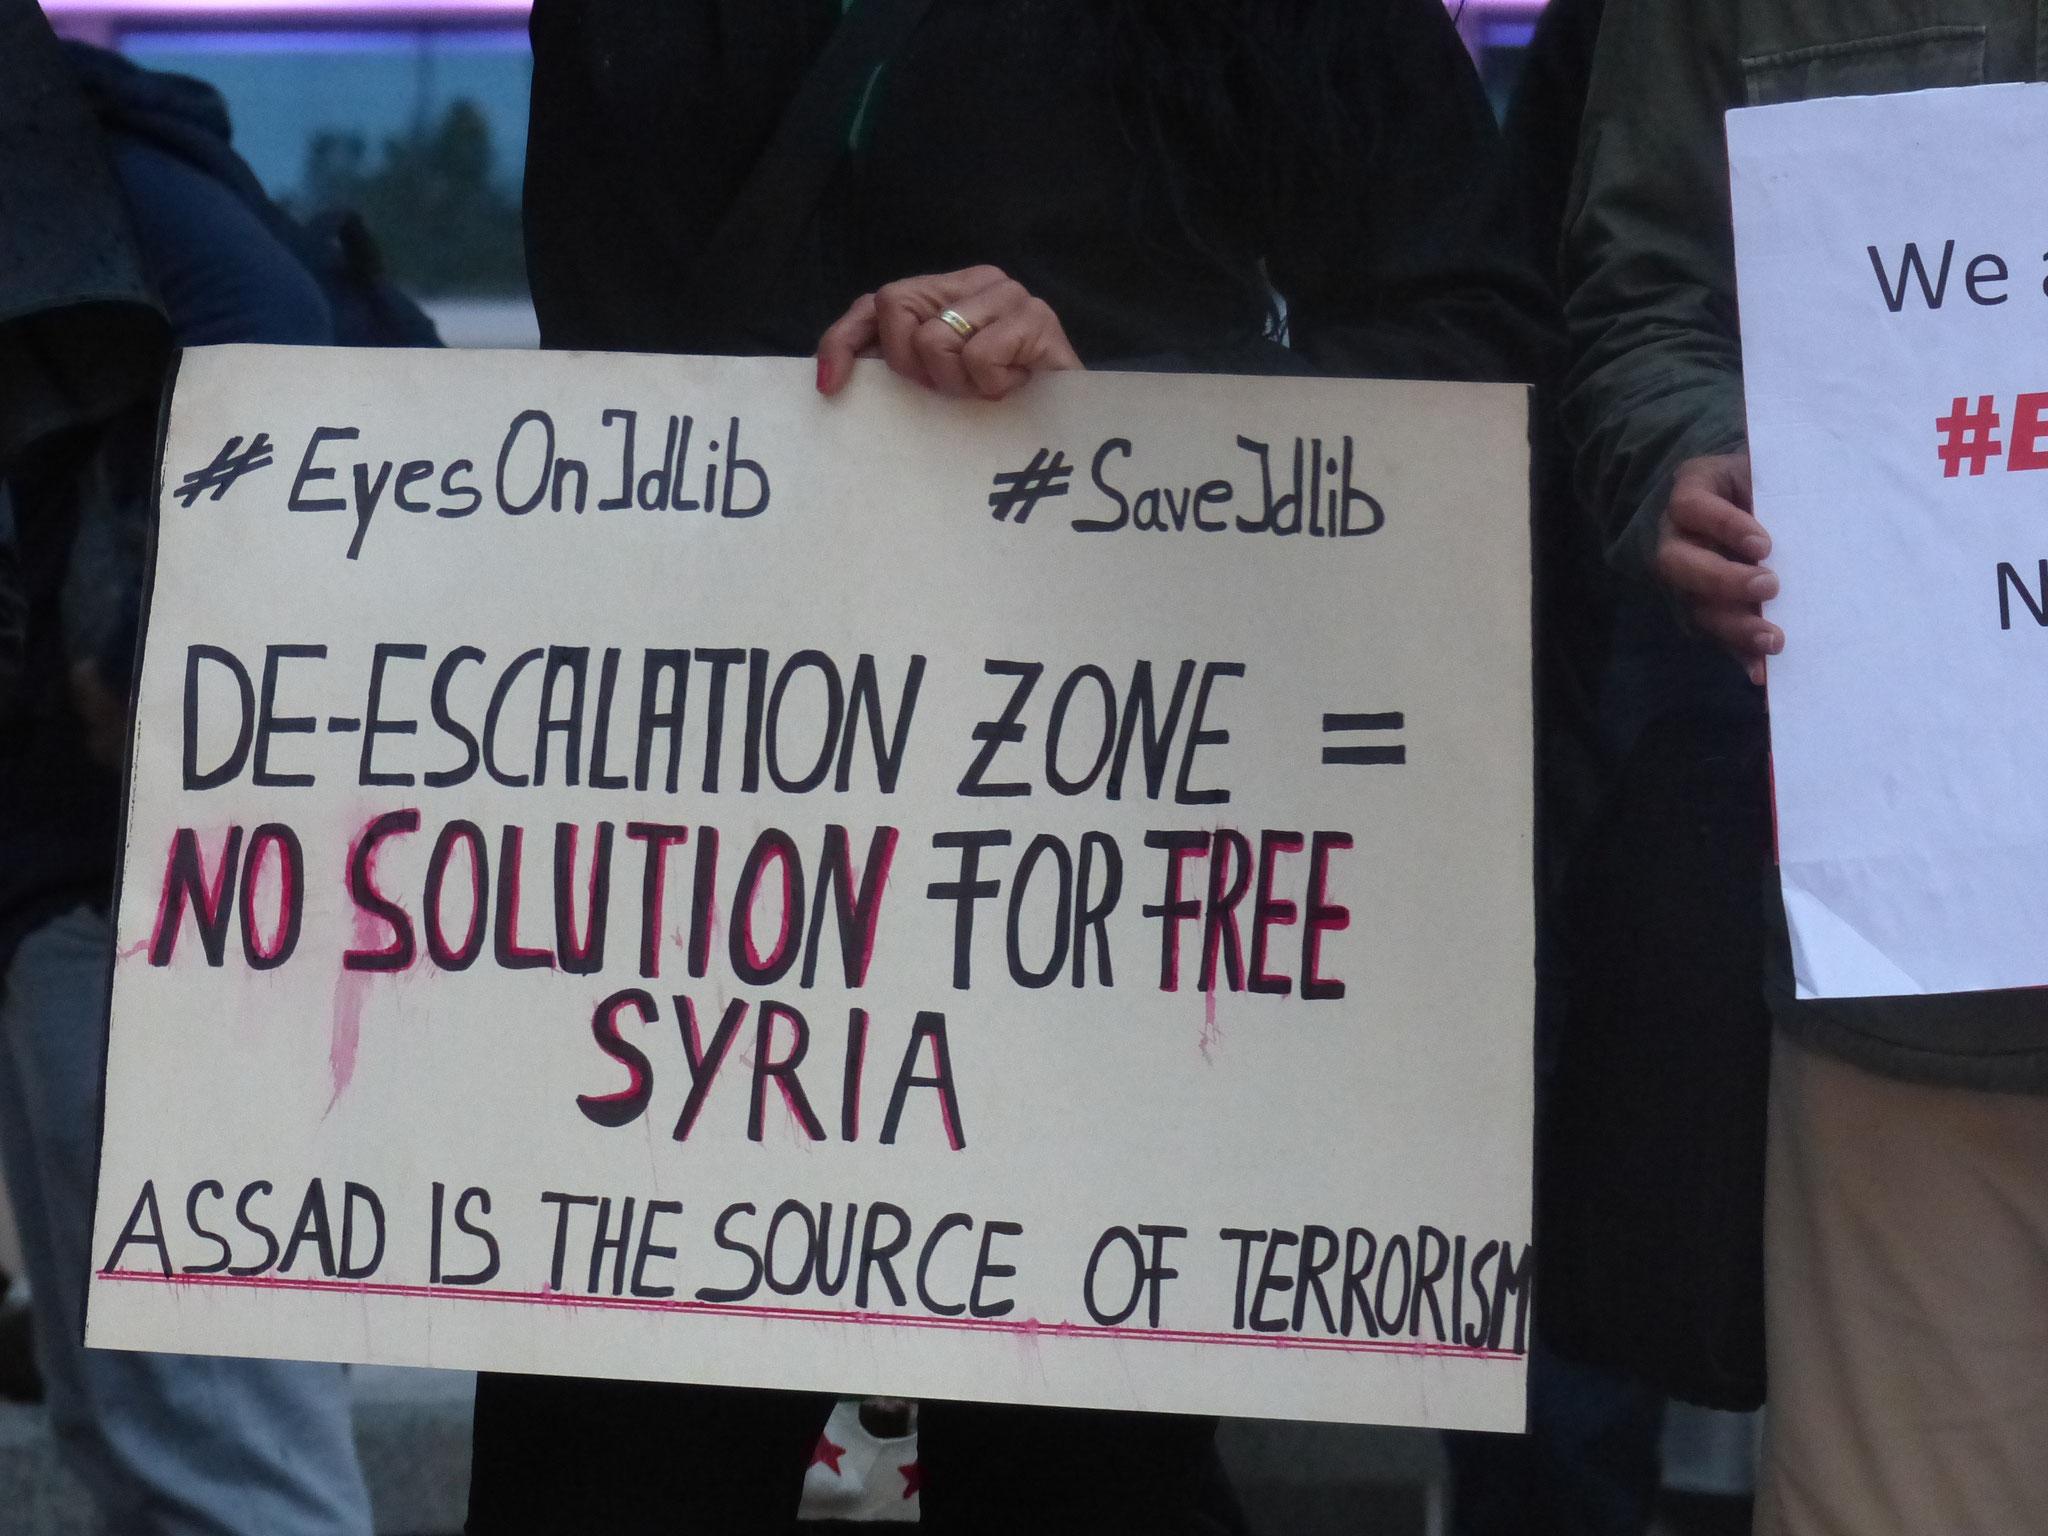 Eine entmilitarisierte Zone ist keine Lösung! - Photo: Jens-Martin Rode